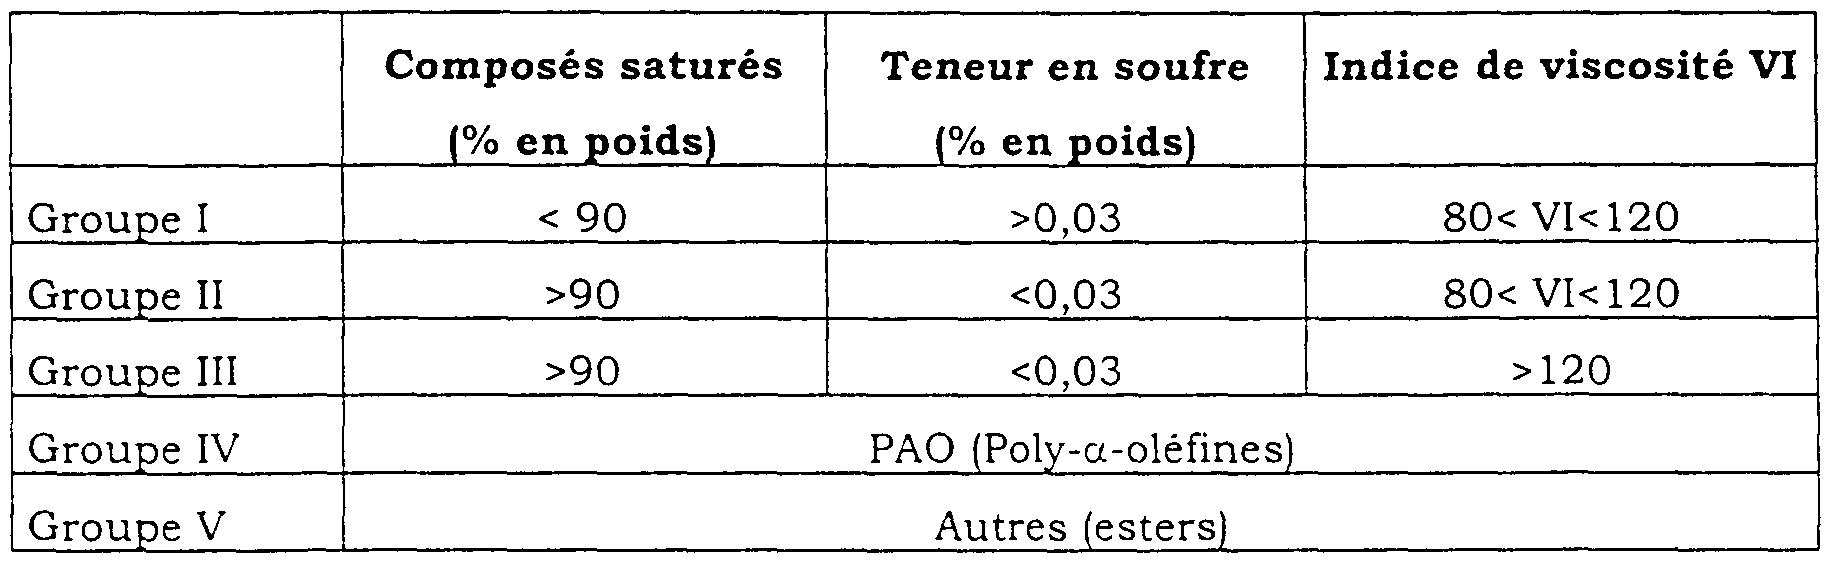 patent ep1212390a1 nouvelle huile de base hydrocarbonee pour lubrifiants a indice de viscosite. Black Bedroom Furniture Sets. Home Design Ideas